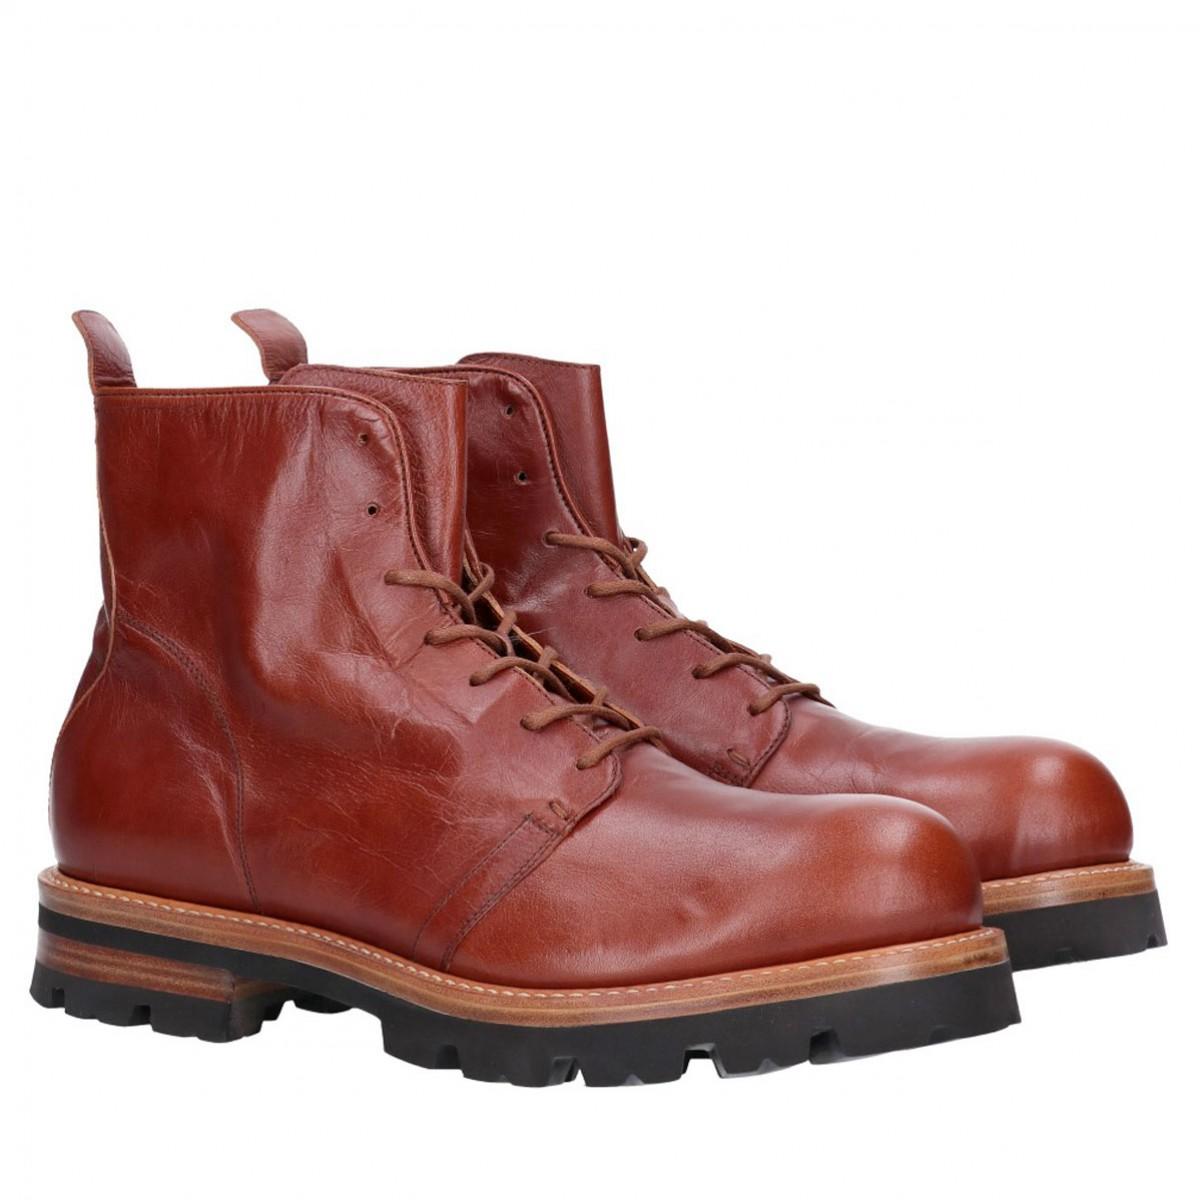 Cappelletti mid boot uomo